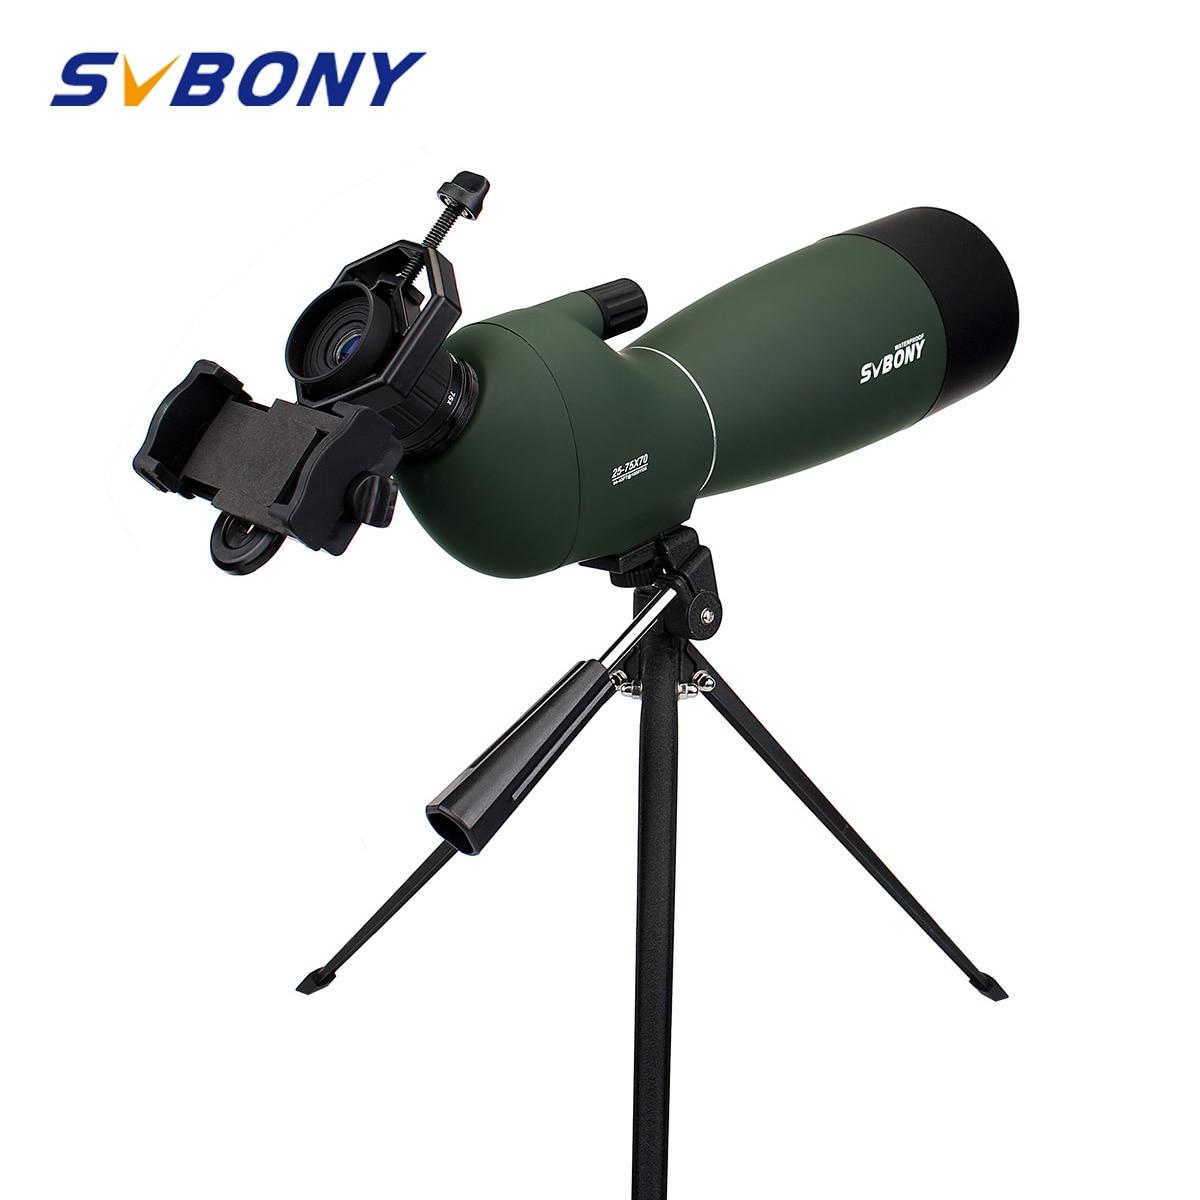 Svbony SV28 50/60/70mm ขอบเขตการจำ ขอบเขตซูมกล้องโทรทรรศน์กันน้ำ Birdwatch การล่าสัตว์ มีตาข้างเดียว & Universal อะแดป...